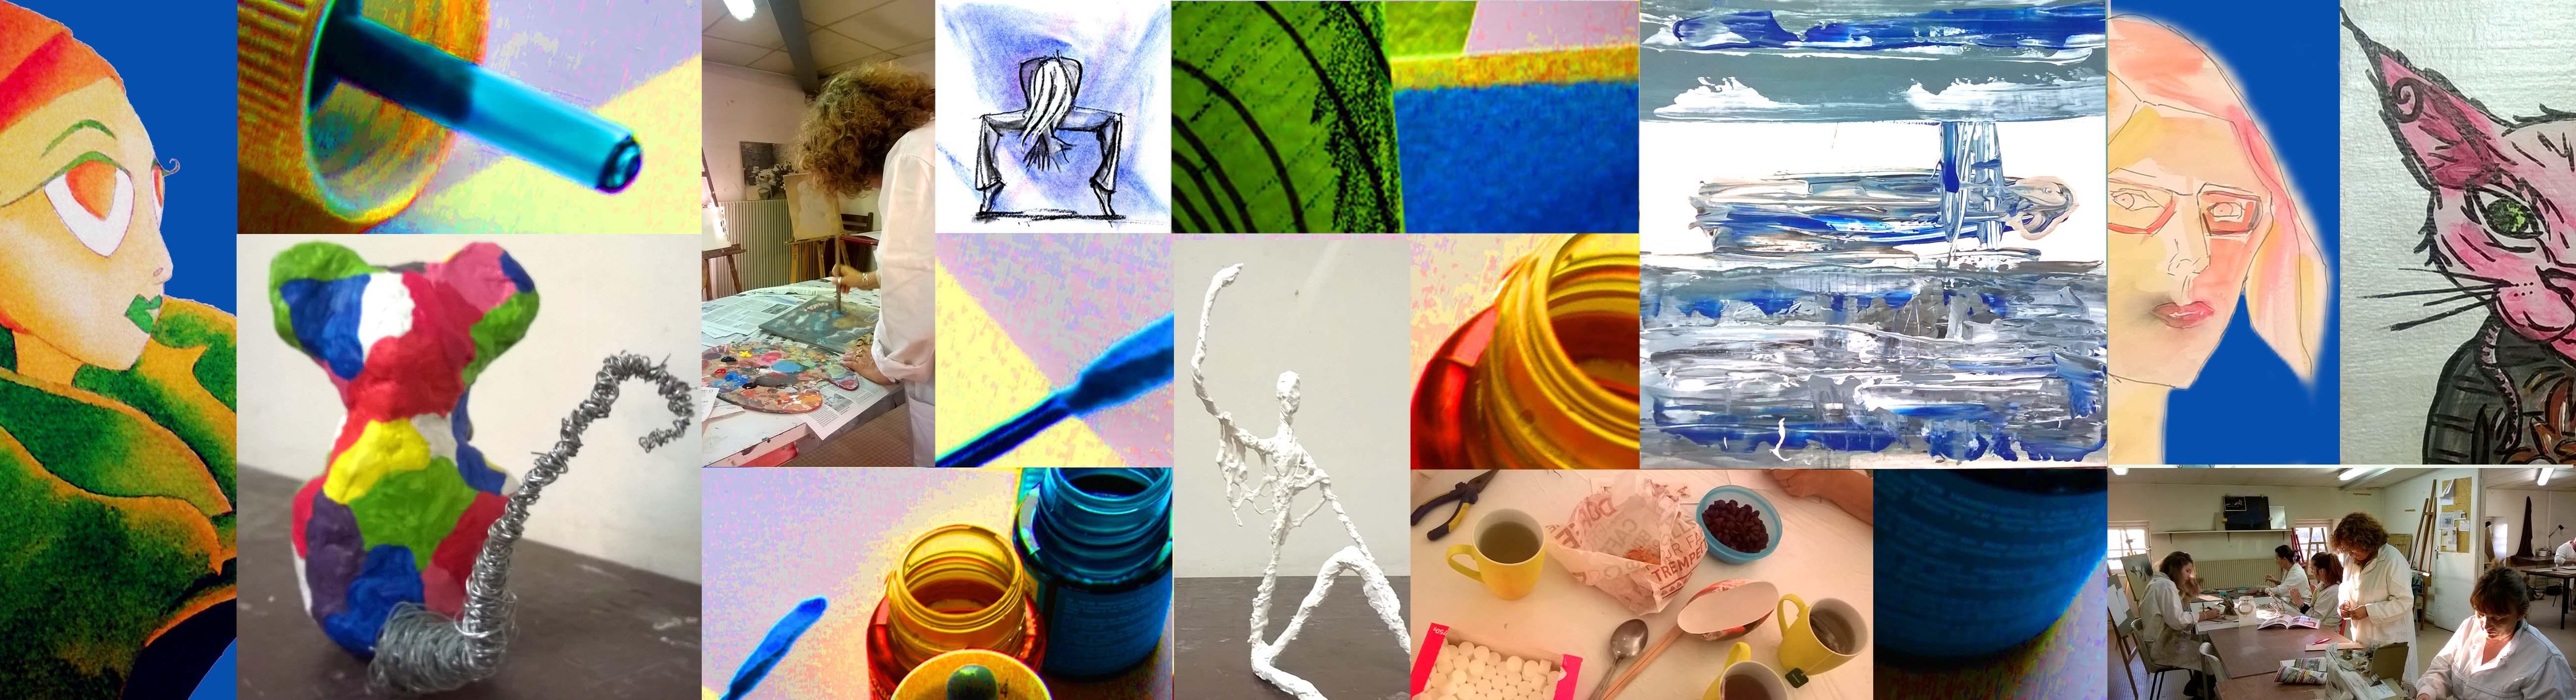 atelier arts plastiques cenon-crayon nomade